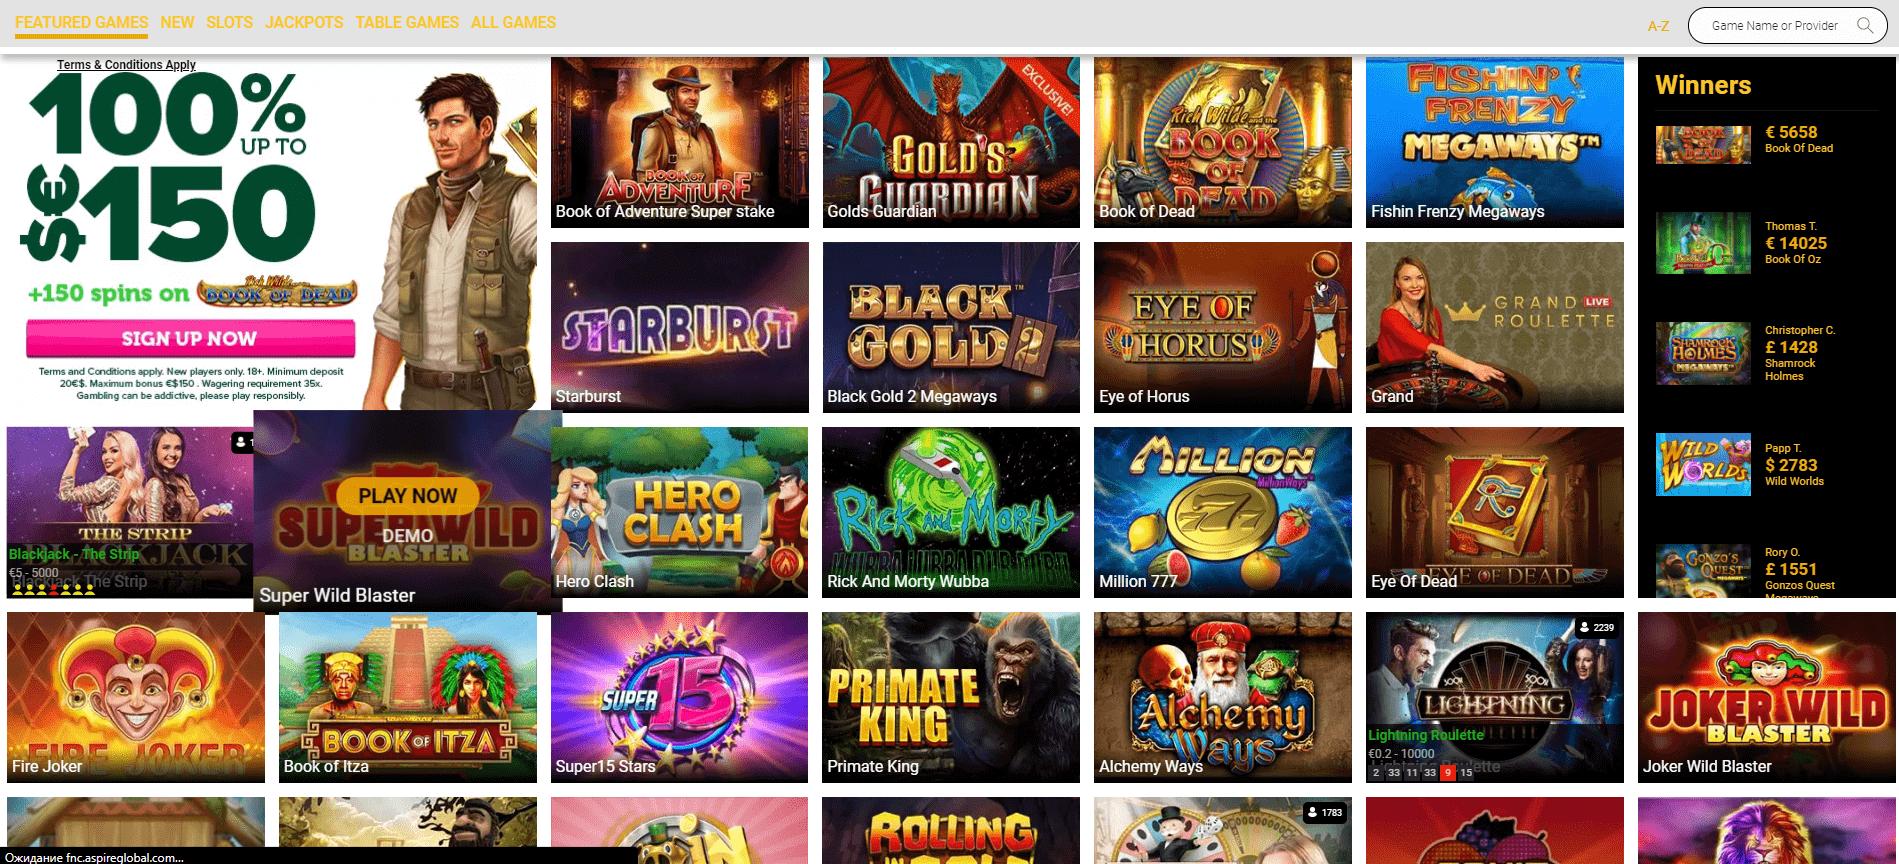 CasinoLuck Games desktop